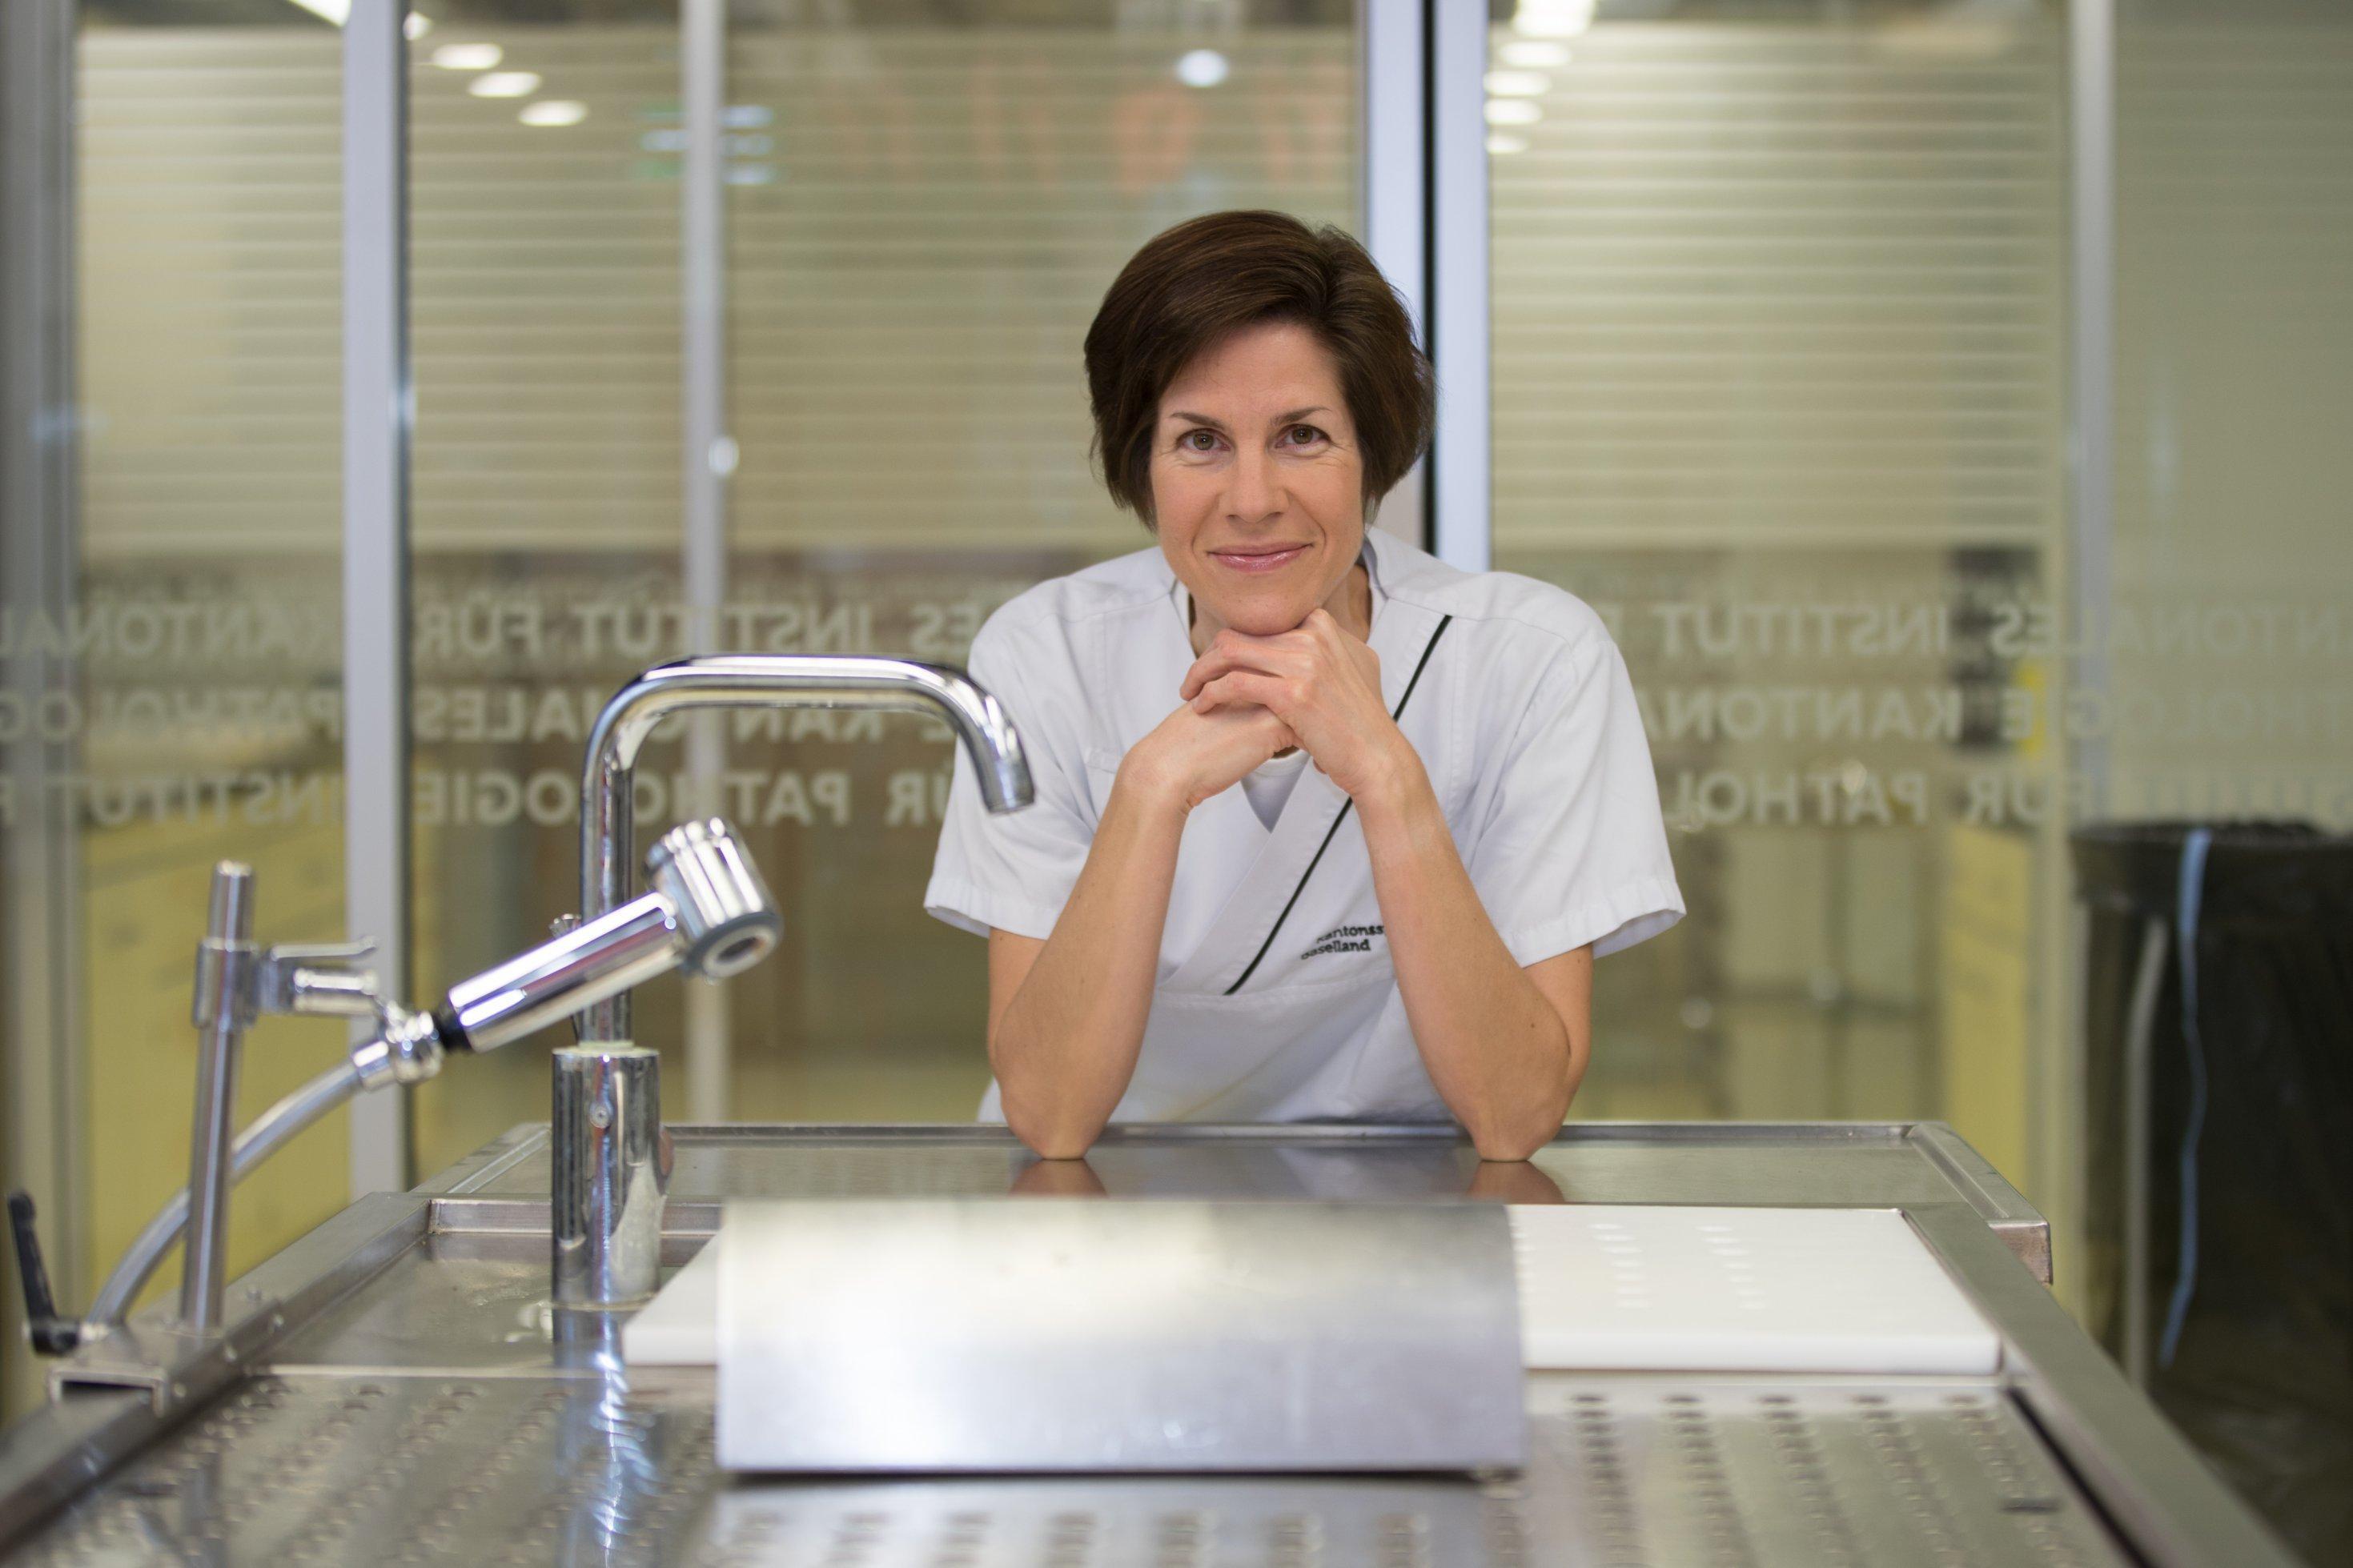 Eine Frau, die Pathologin Kirsten Mertz, steht abgestützt an einem Obduktionstisch in einem Obduktionssaal.